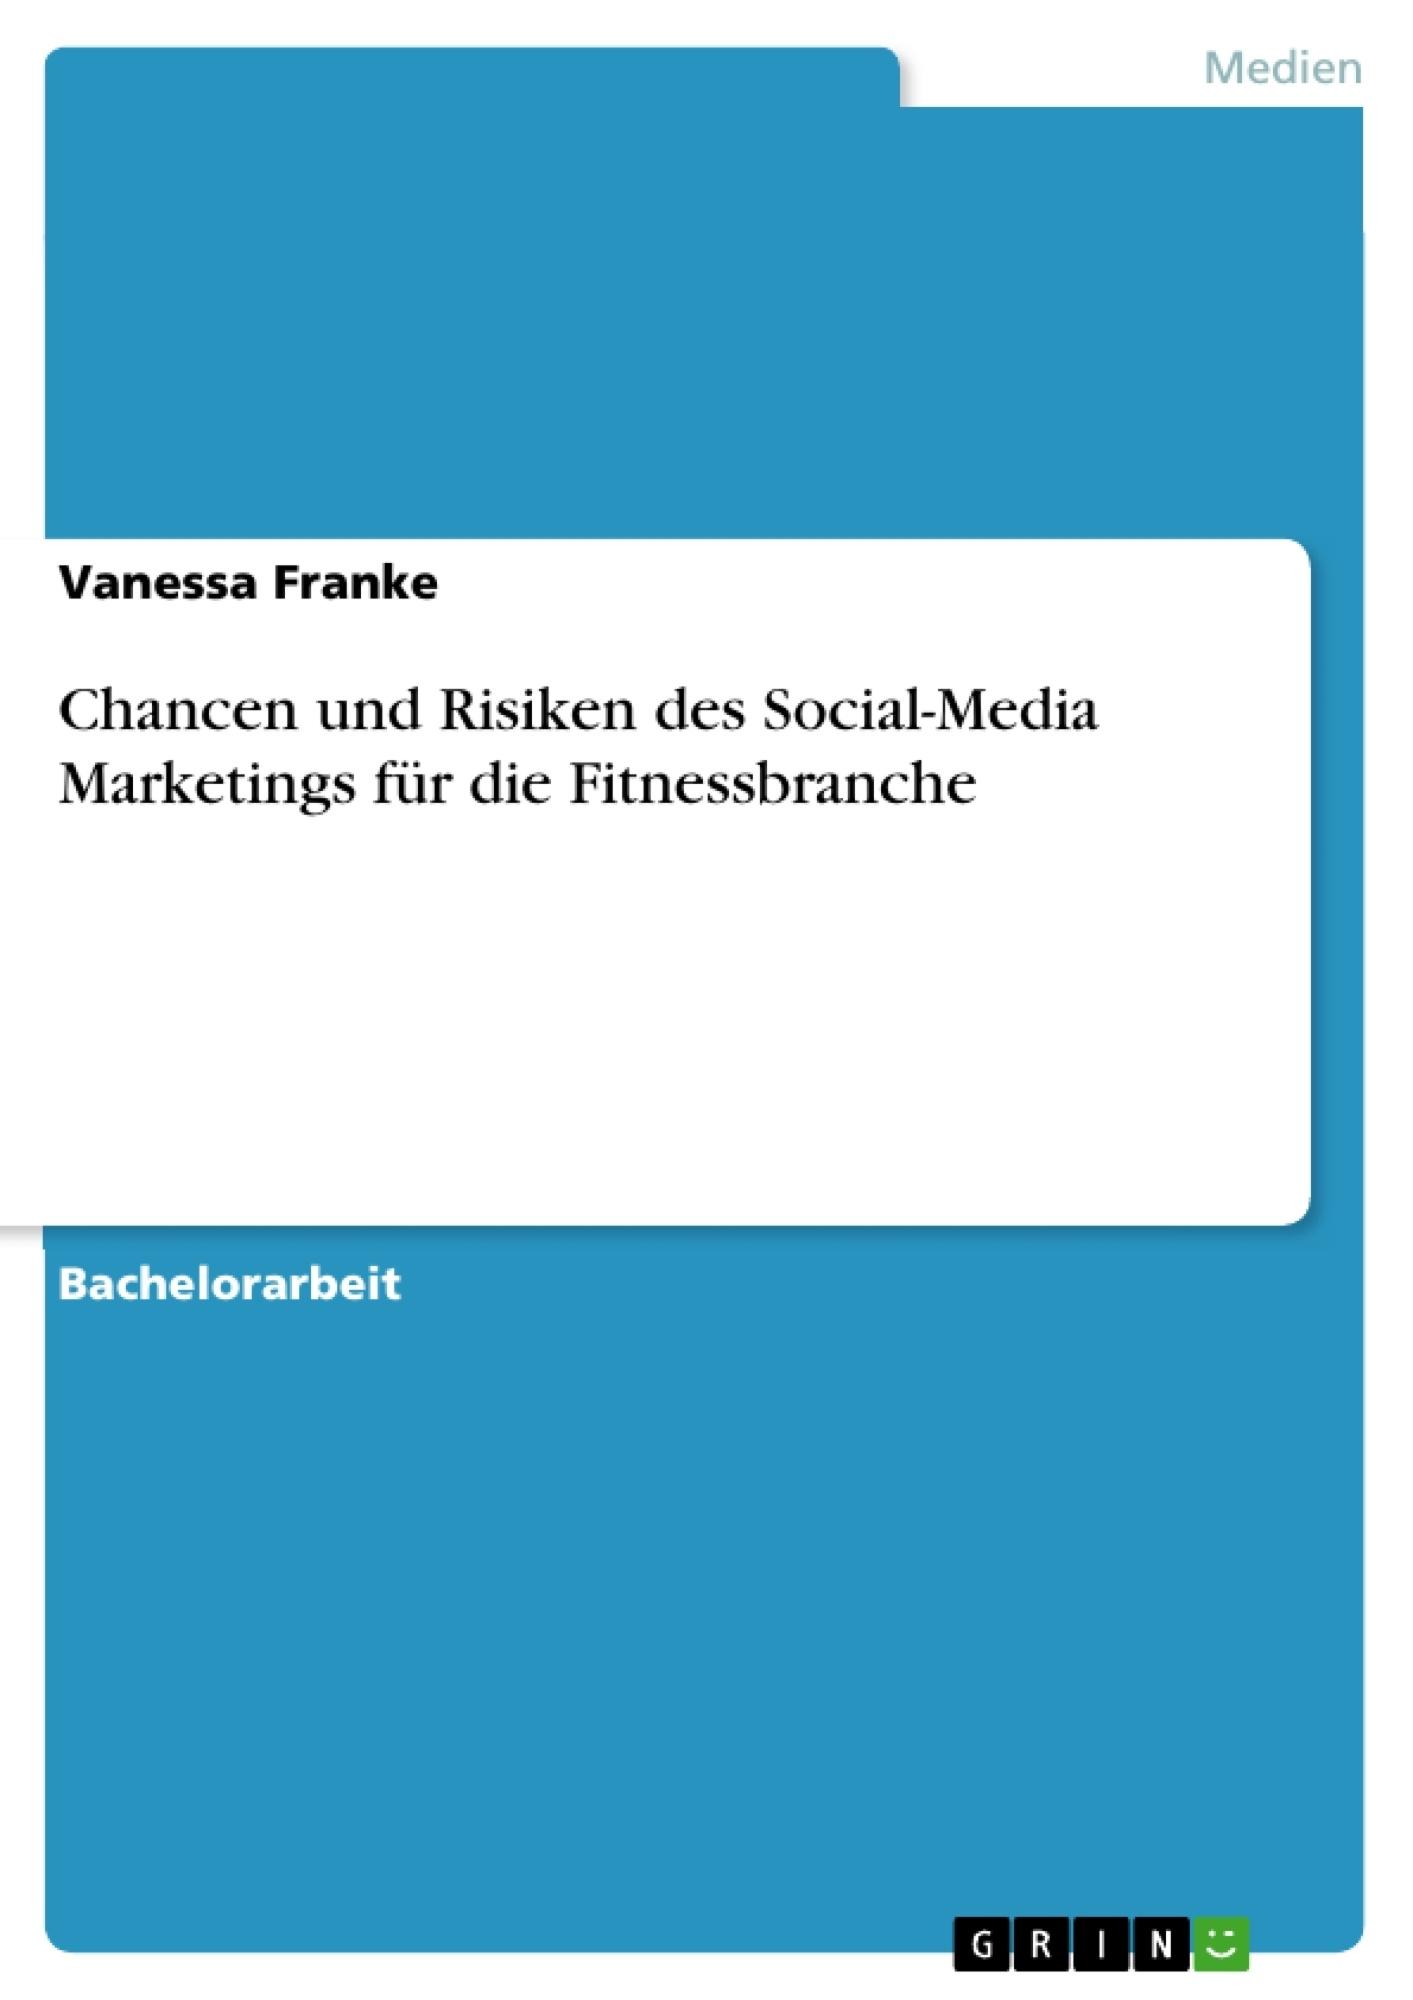 Titel: Chancen und Risiken des Social-Media Marketings für die Fitnessbranche